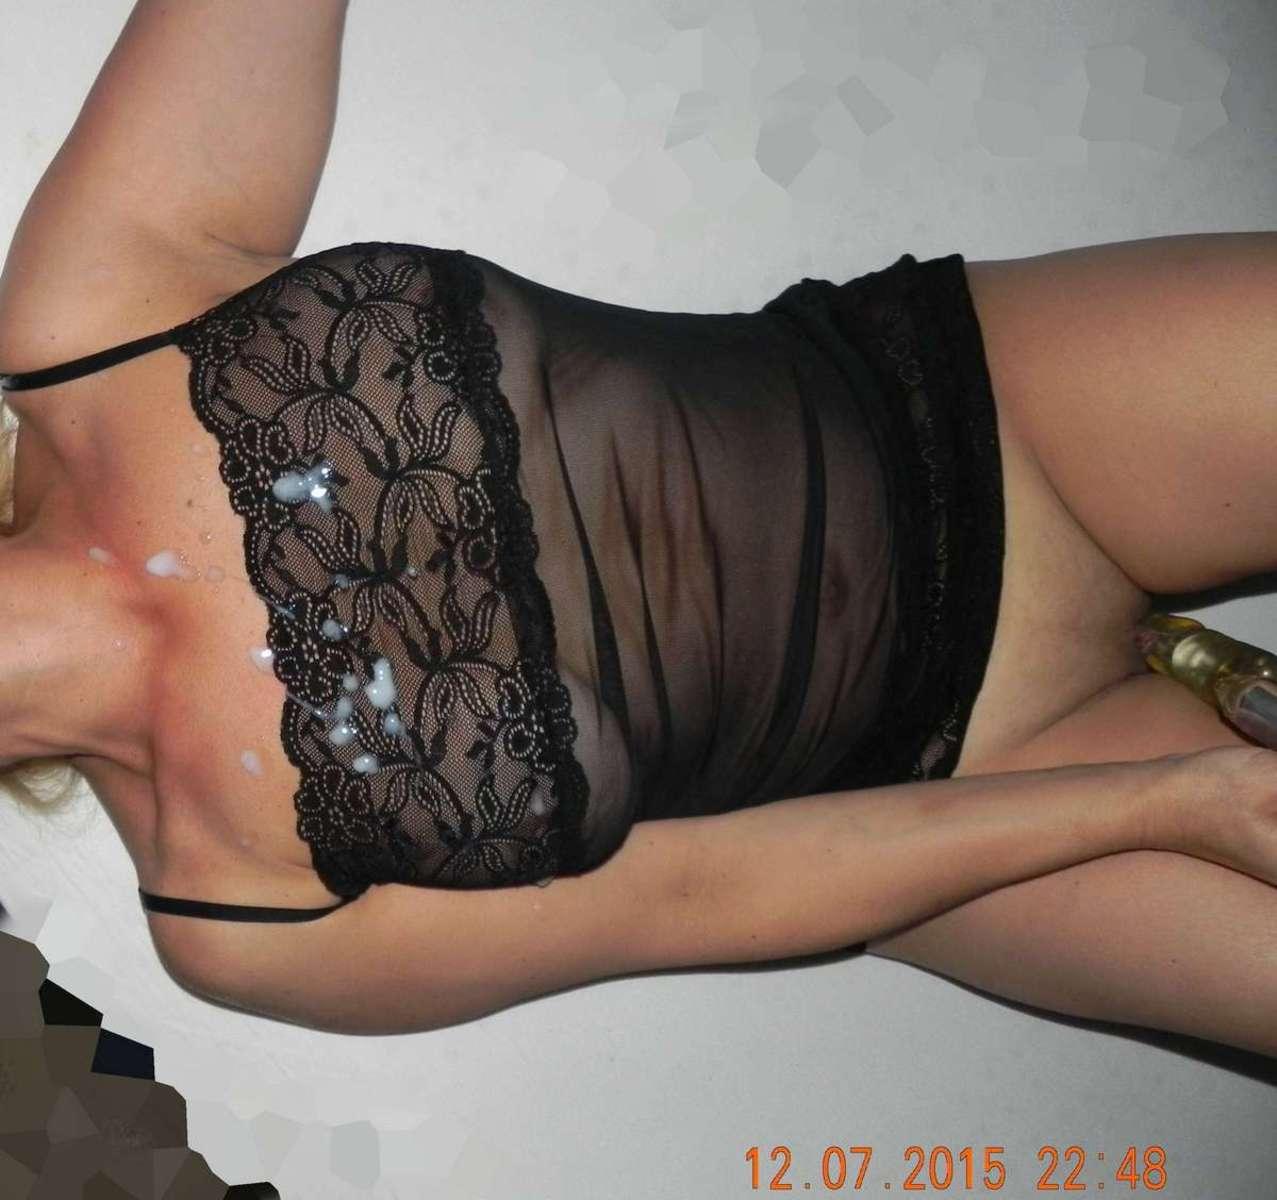 femme klkl7 (6)